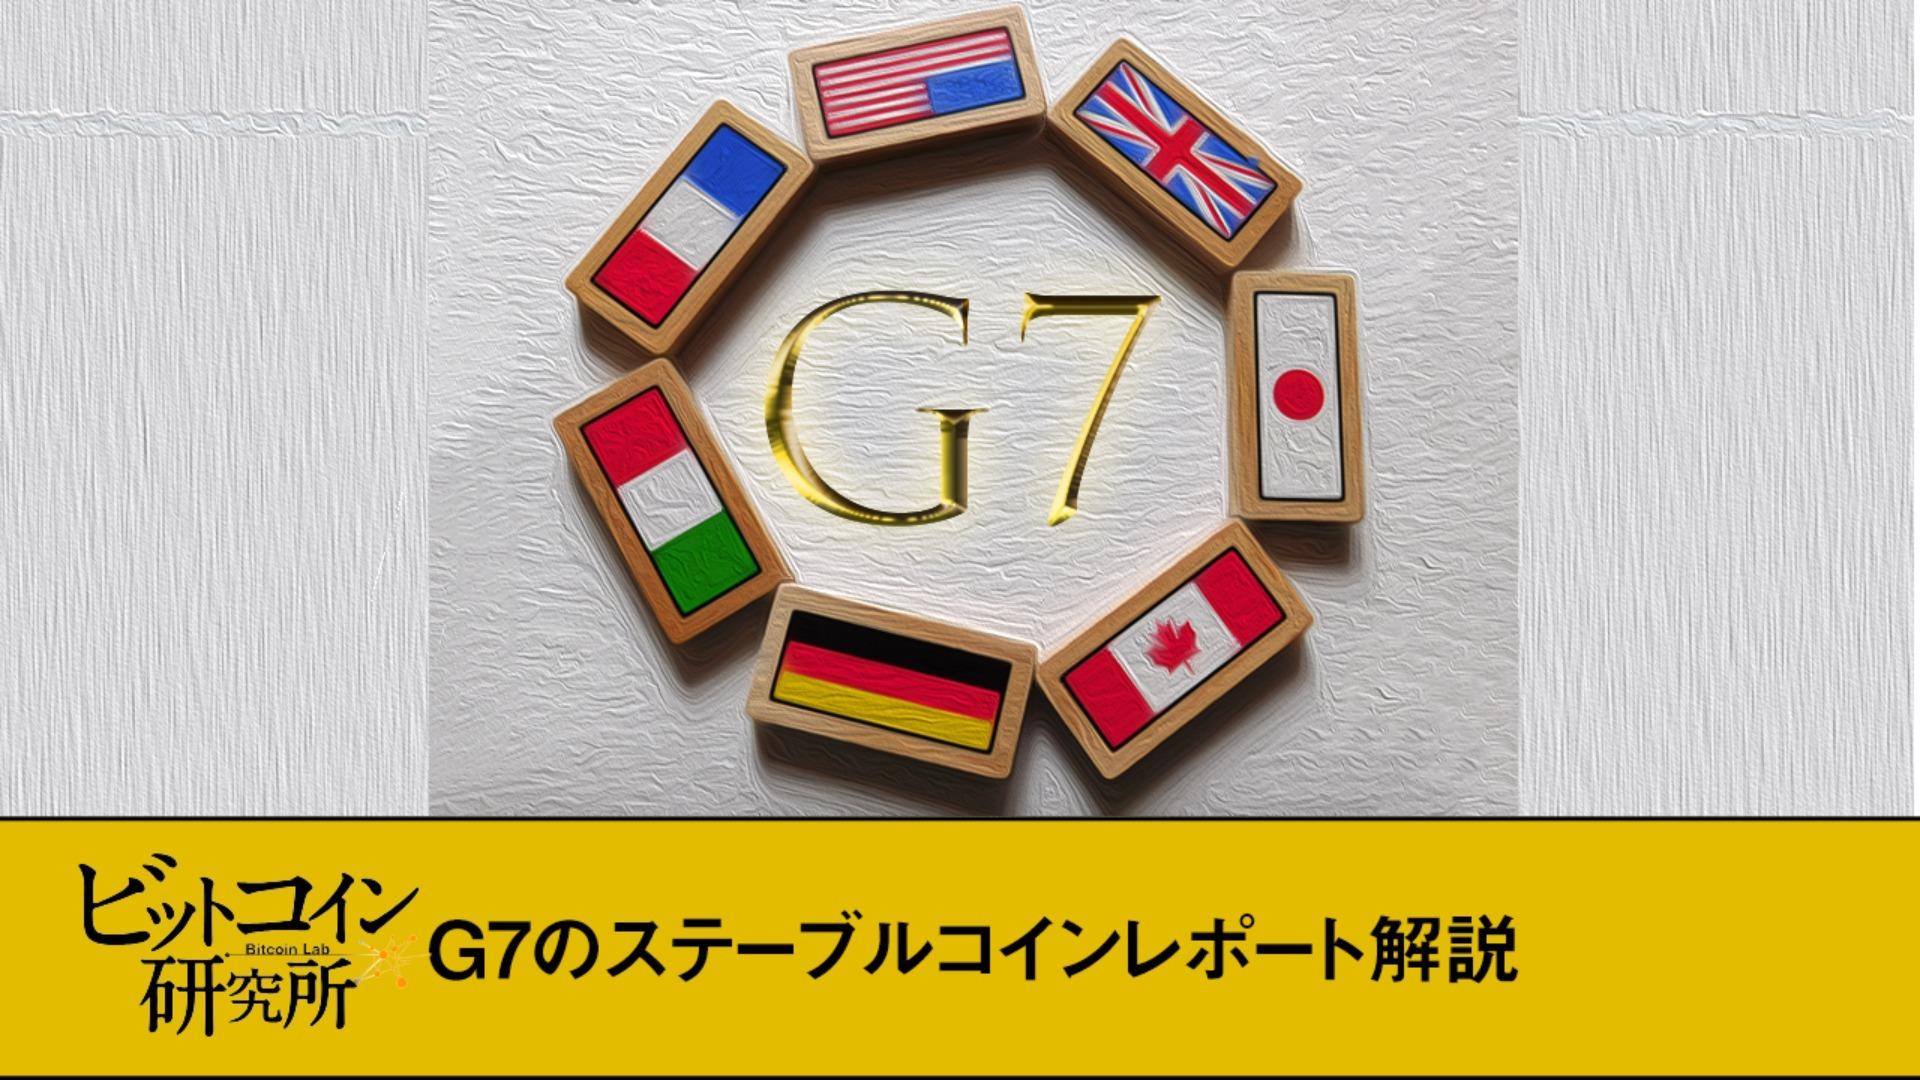 【レポート No.145】G7のステーブルコインレポート解説